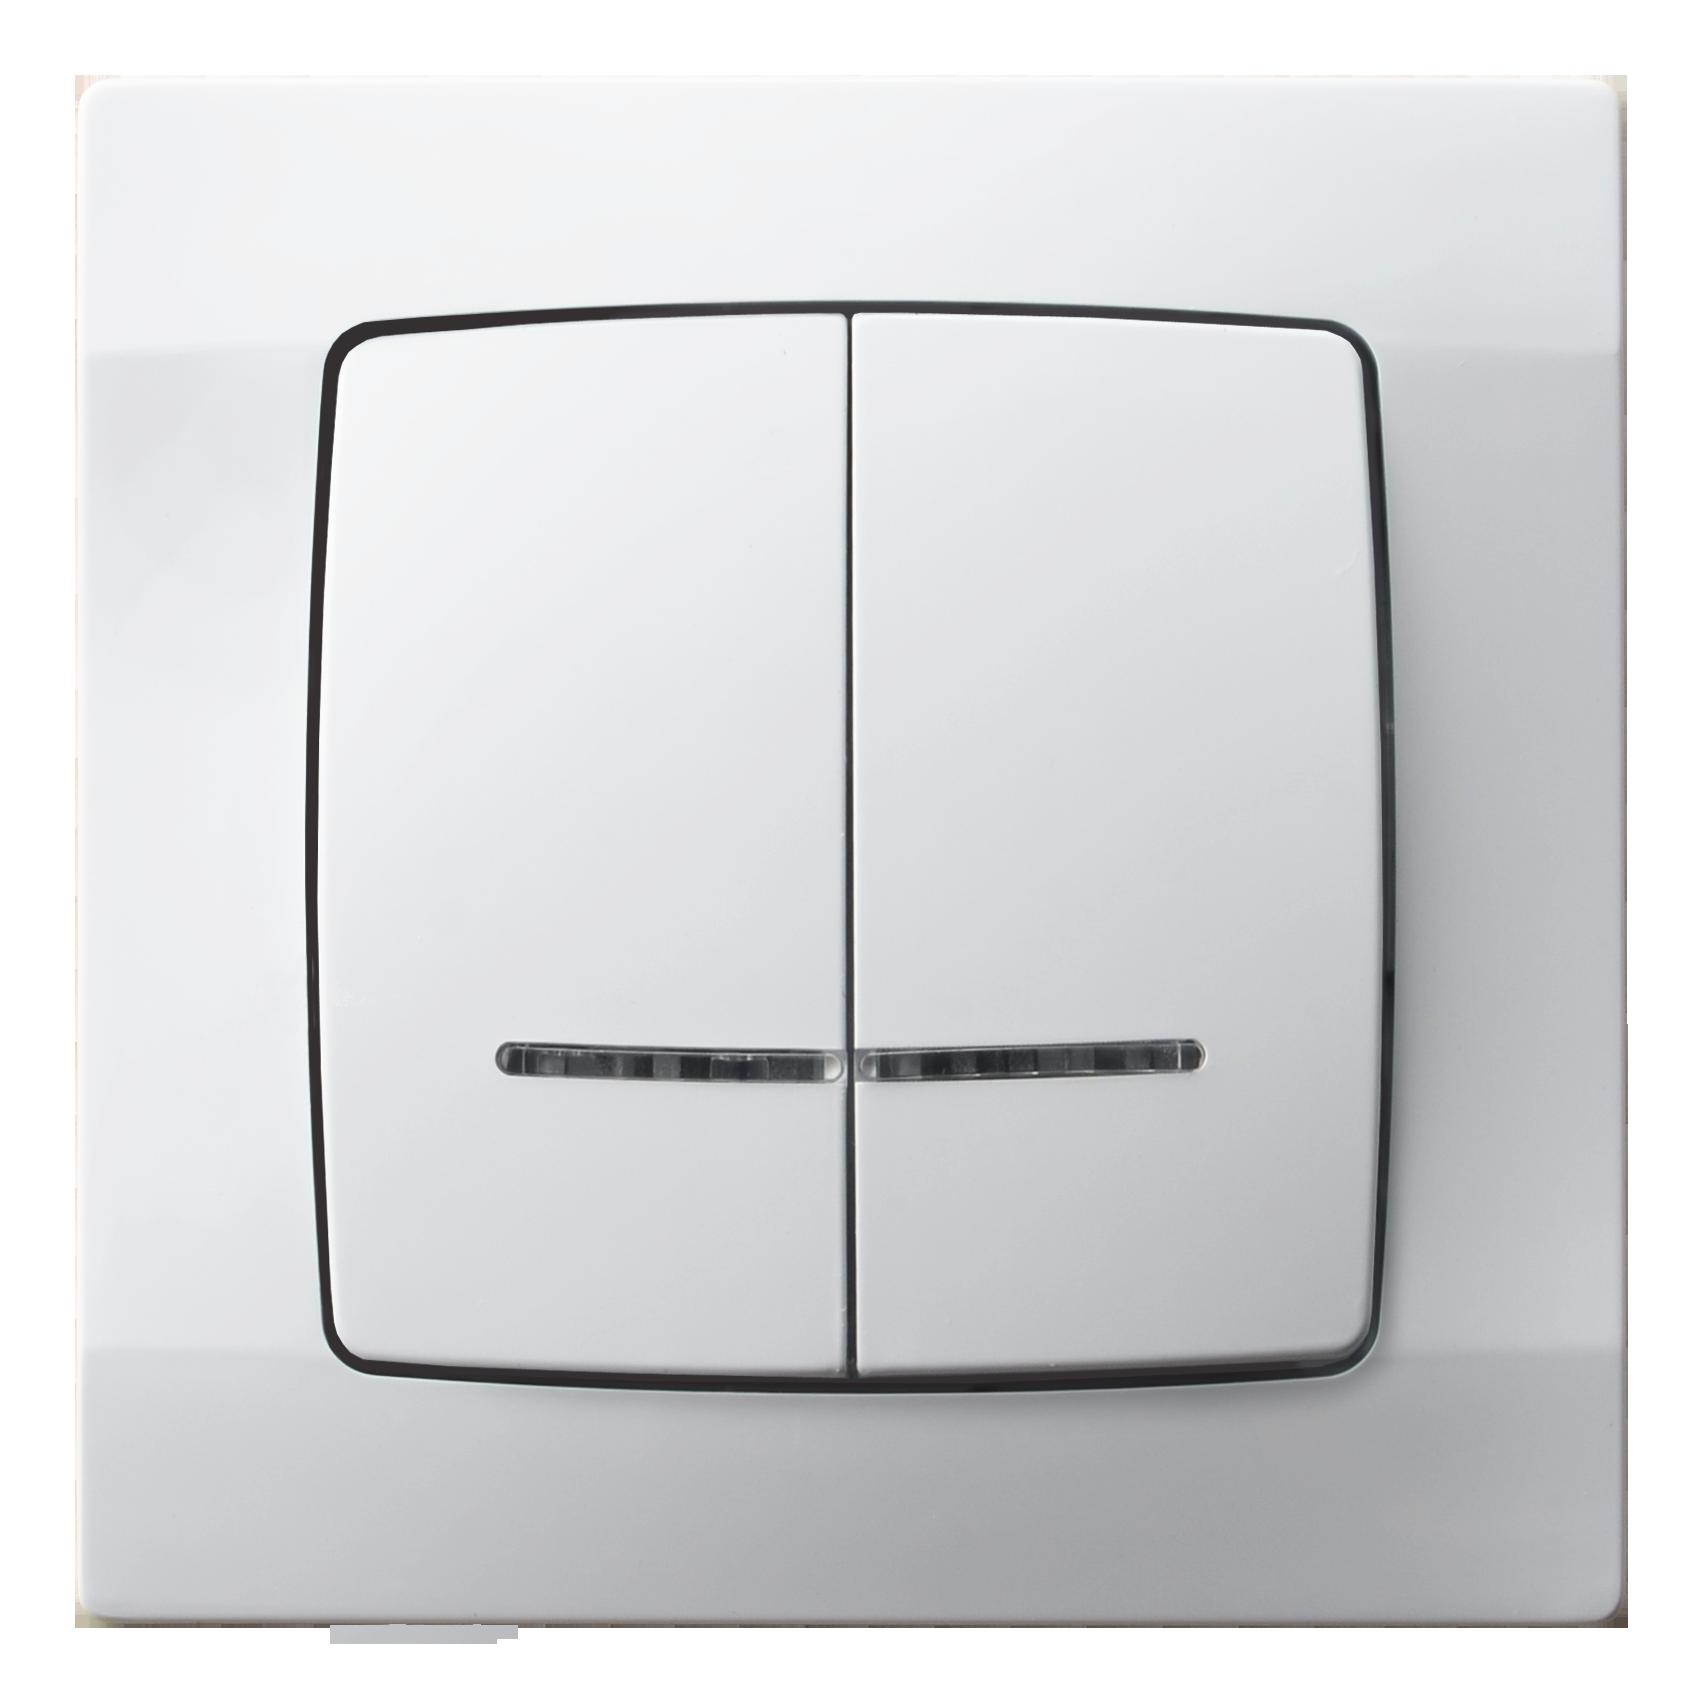 Jak bezpiecznie wymienić osprzęt elektryczny?